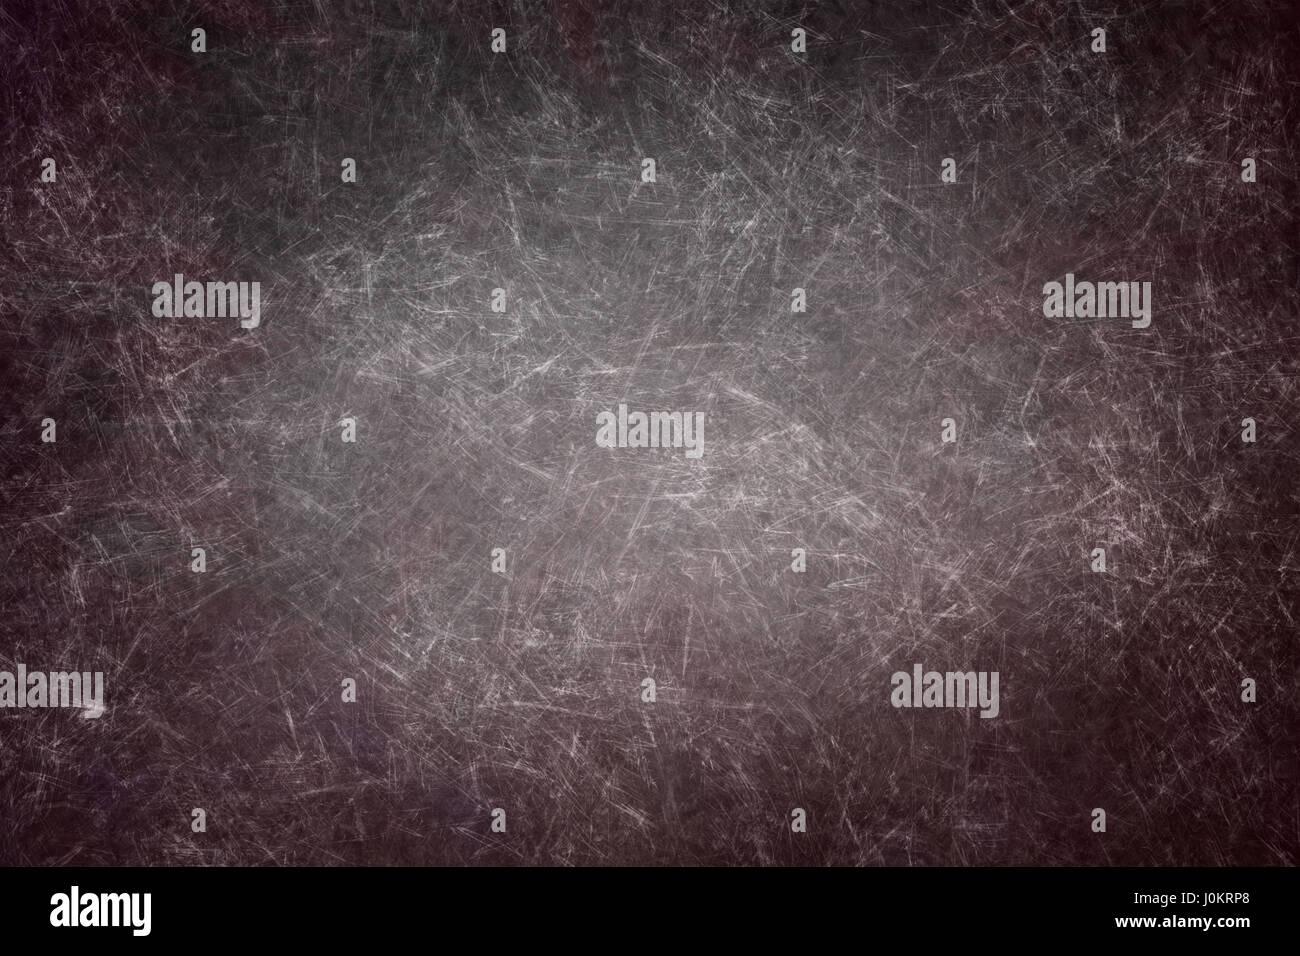 Hintergrund schwarz lila - Stock Image